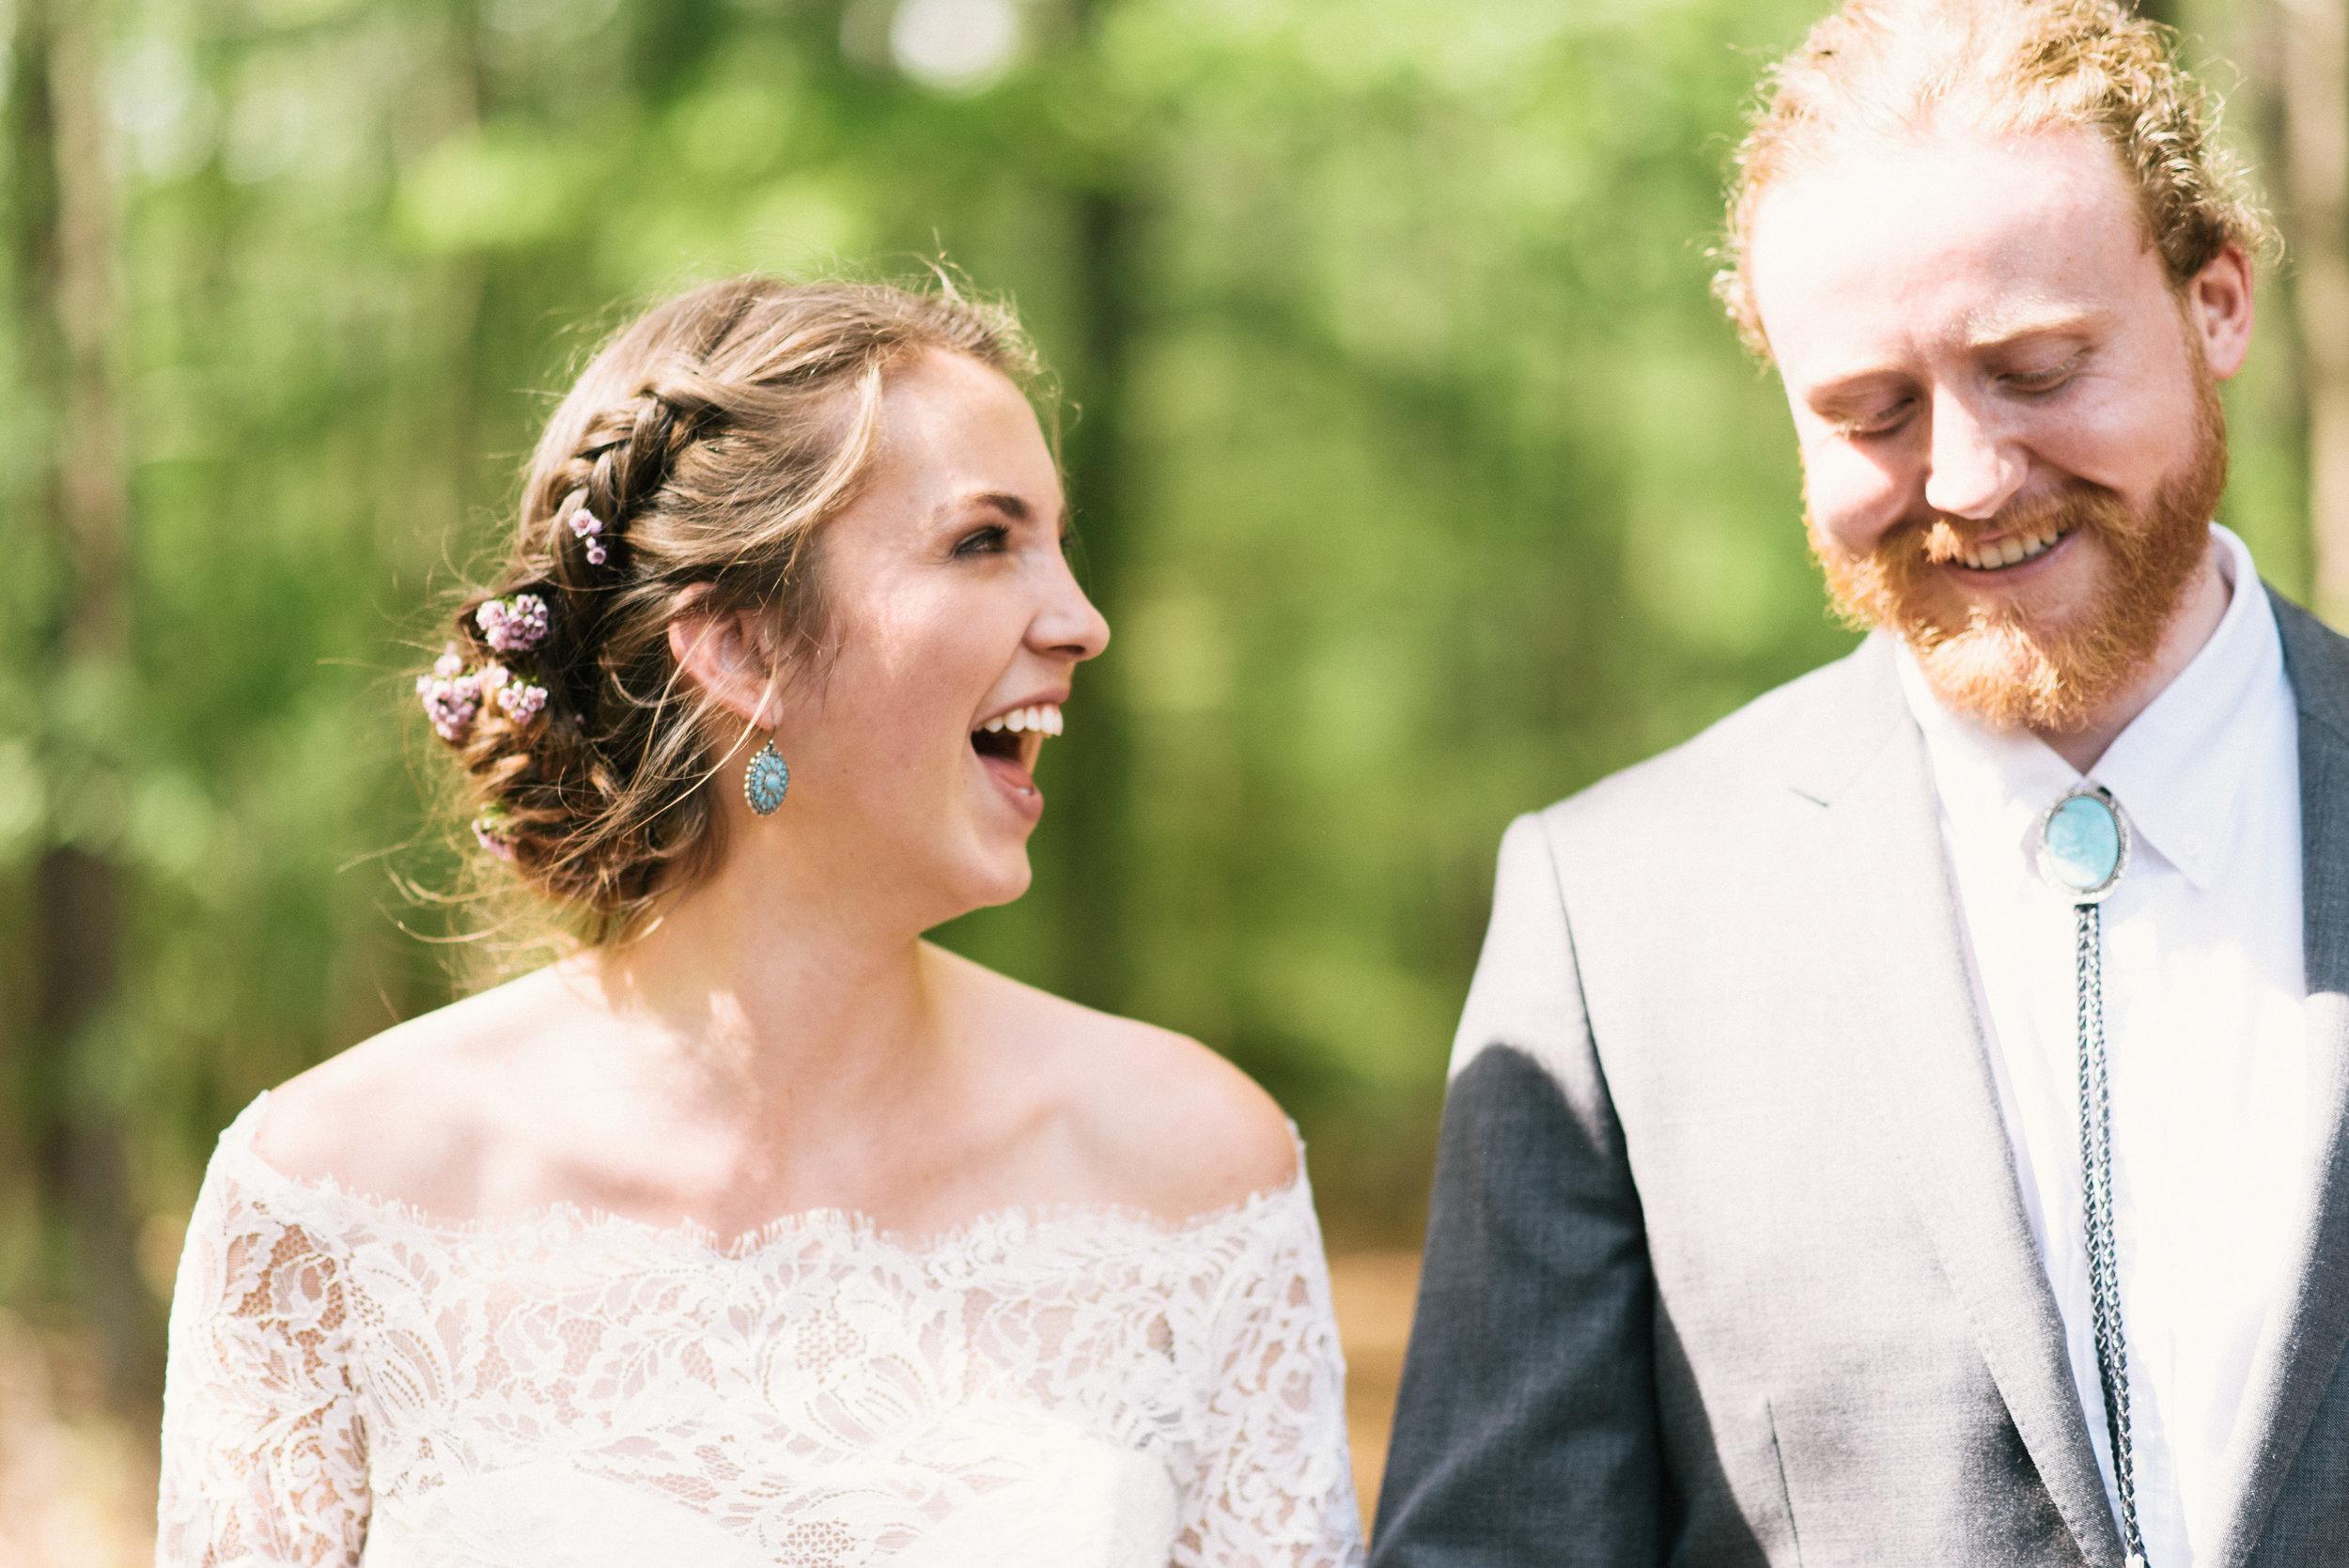 raleigh-elopement-photographer-raleigh-durham-wedding-maddie-and-devin- (34 of 162).jpg